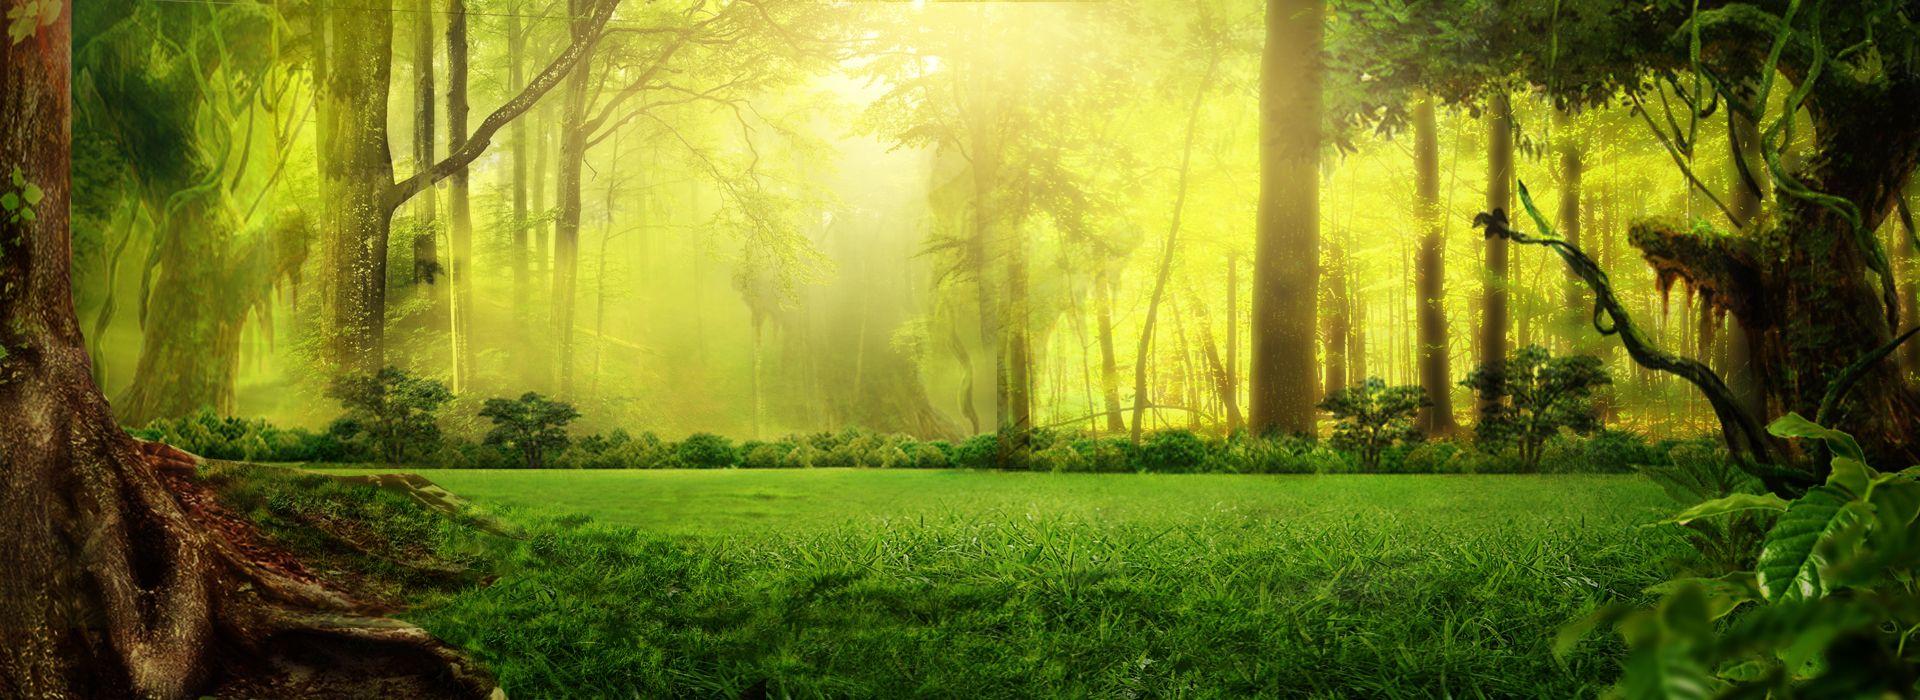 الخيال غابة أخضر الخلفية Nature Images Background Images Landscape Background